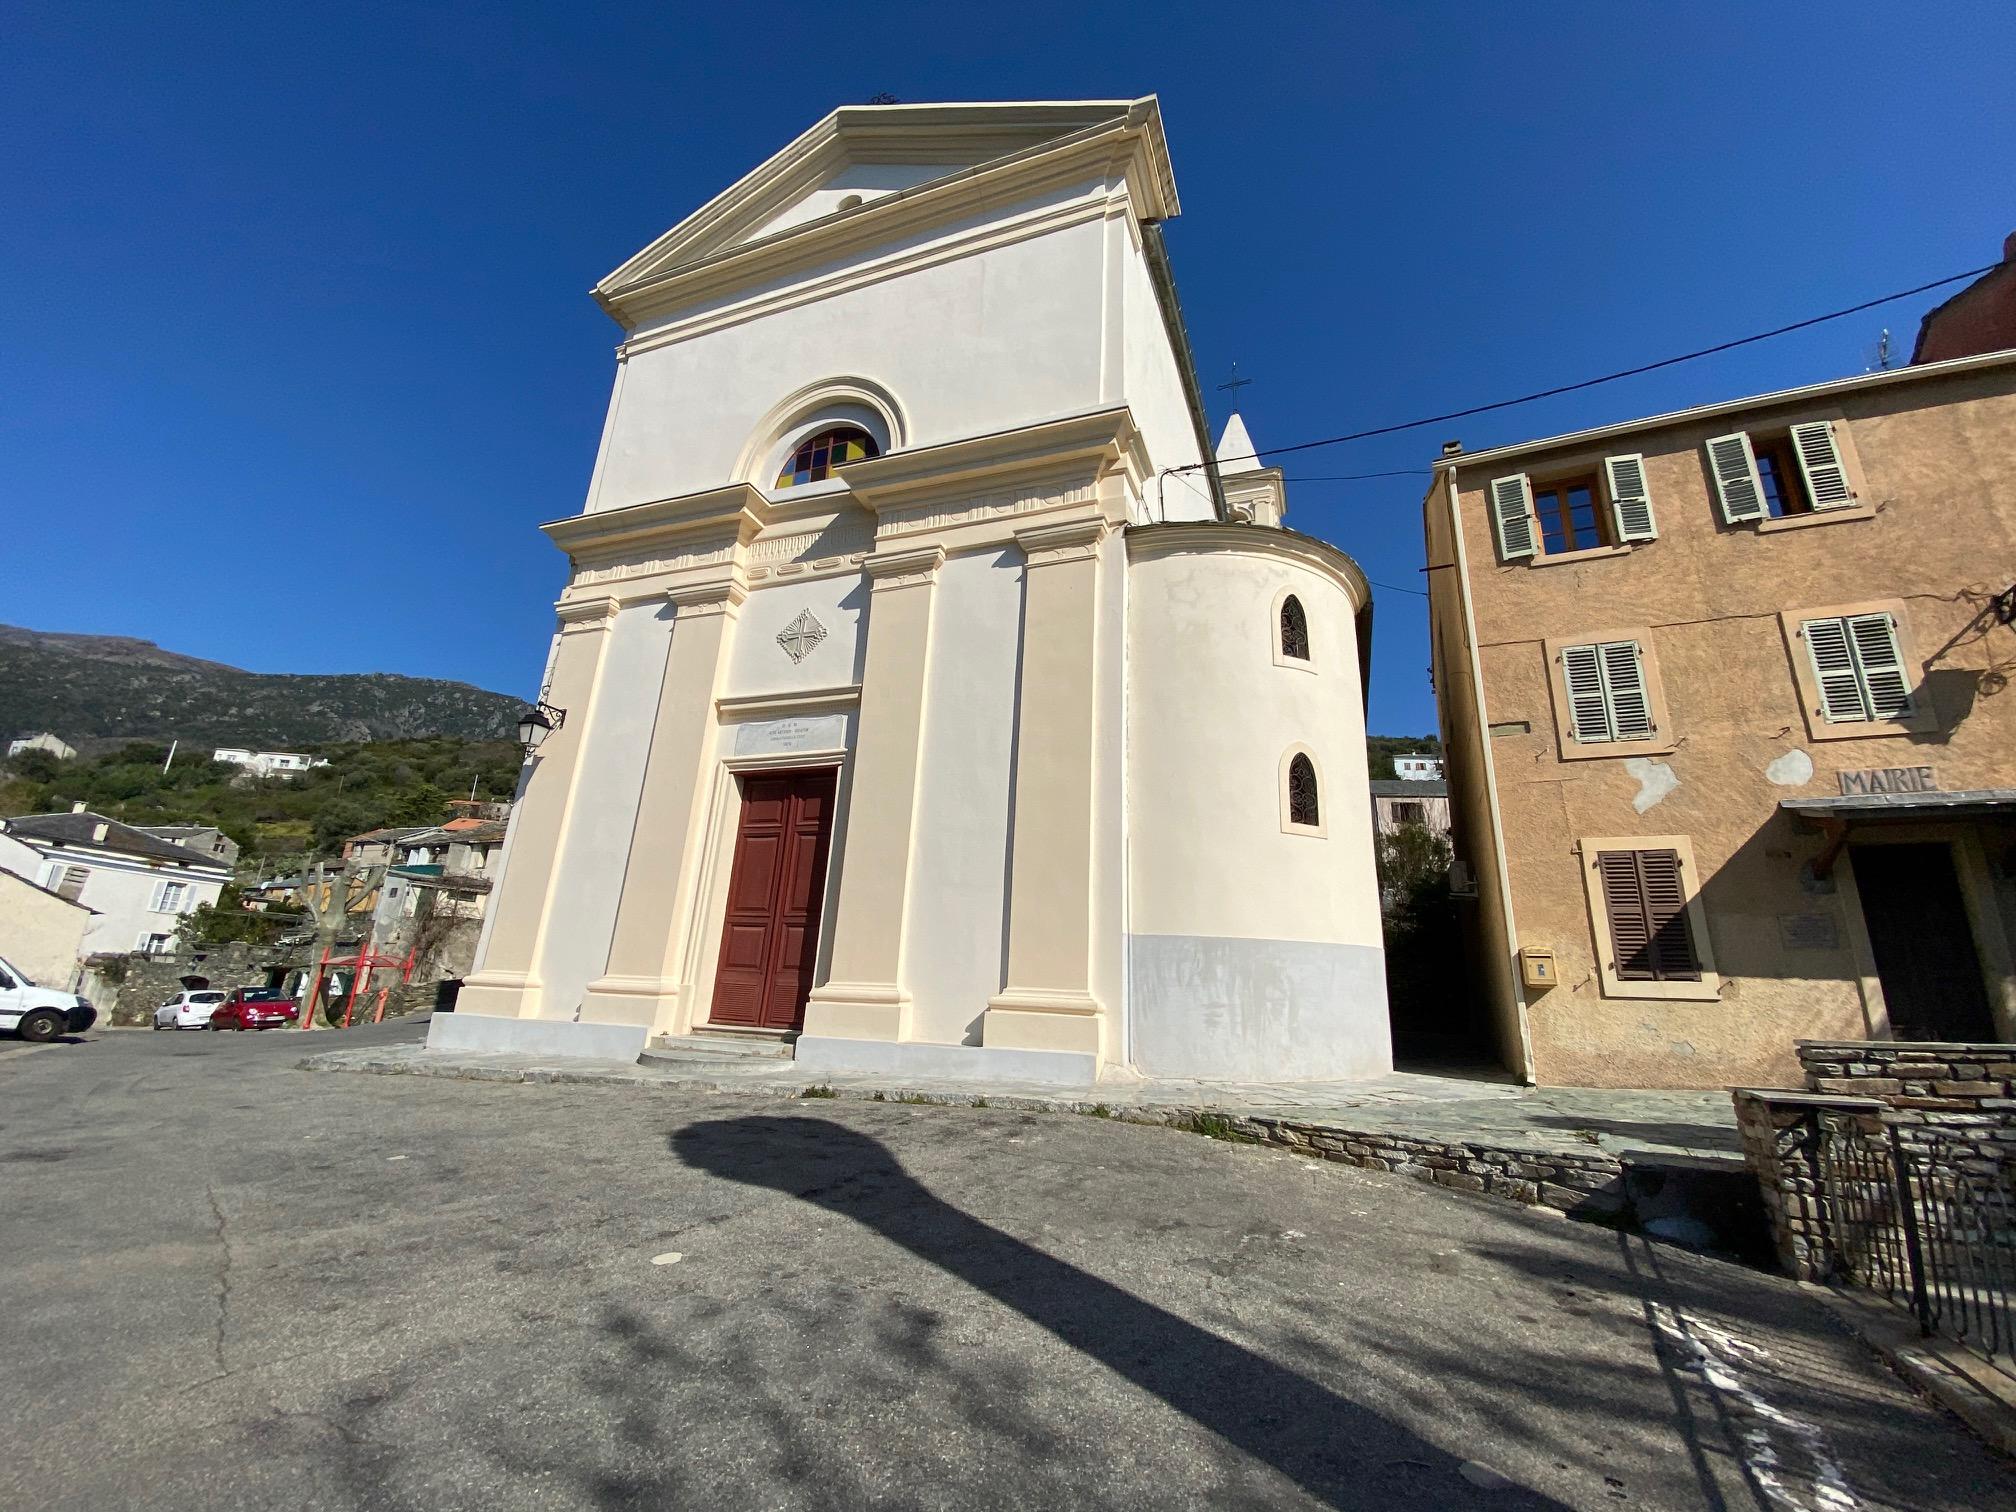 Portes closes et place de l'église déserte…